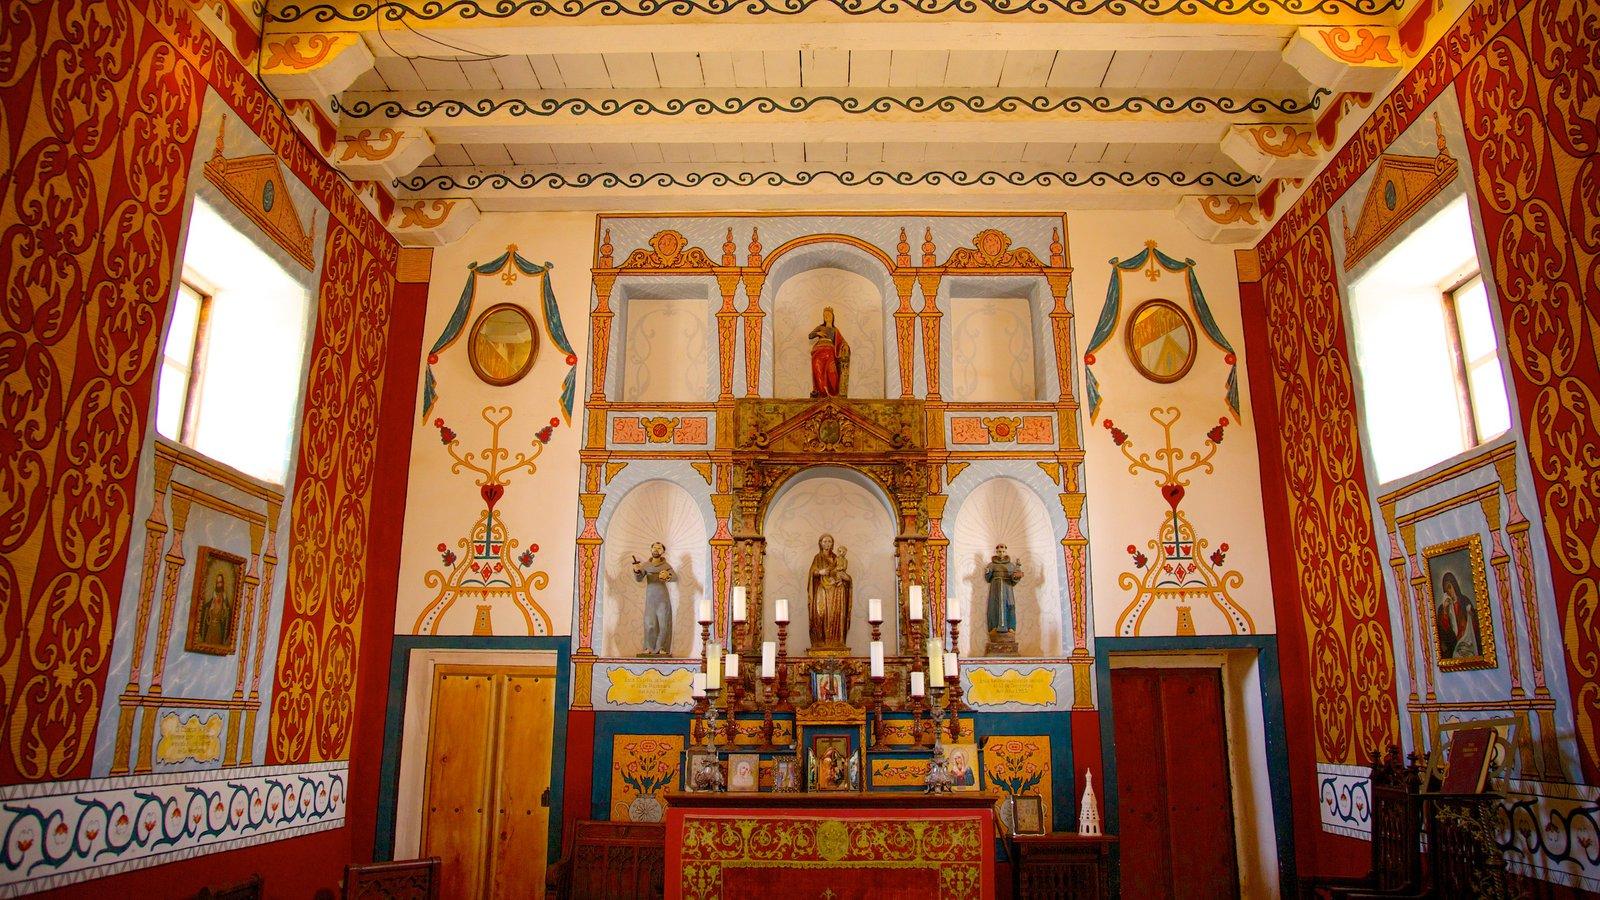 El Presidio de Santa Barbara State Historic Park caracterizando elementos religiosos e vistas internas